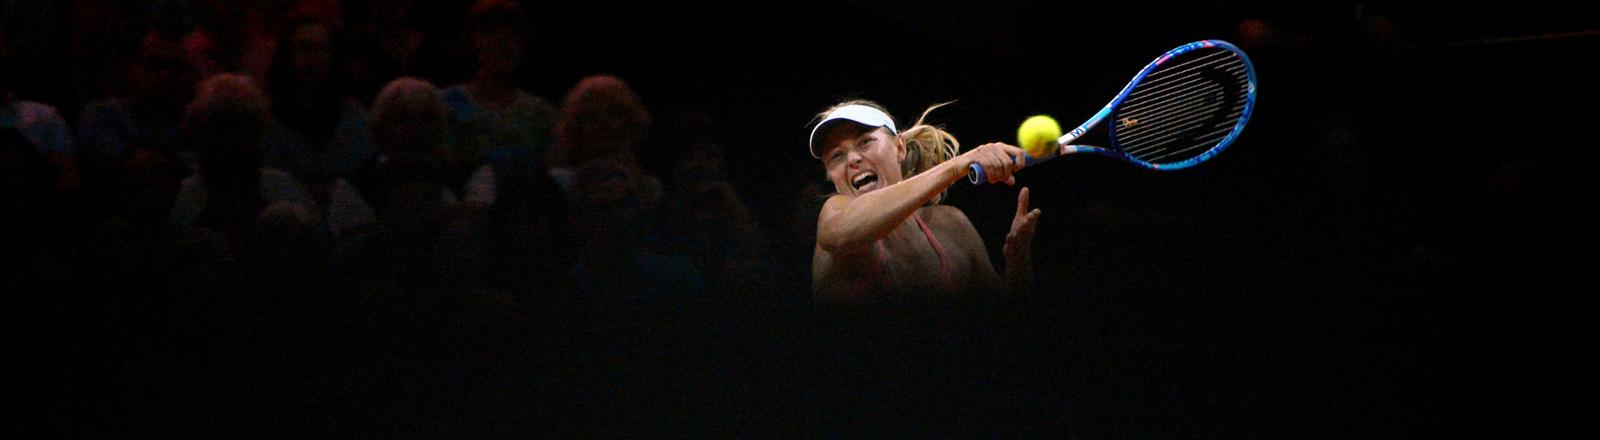 Maria Scharapova aus Russland spielt im Achtelfinale beim WTA-Tennisturnier am 23.04.2015 in Stuttgart.